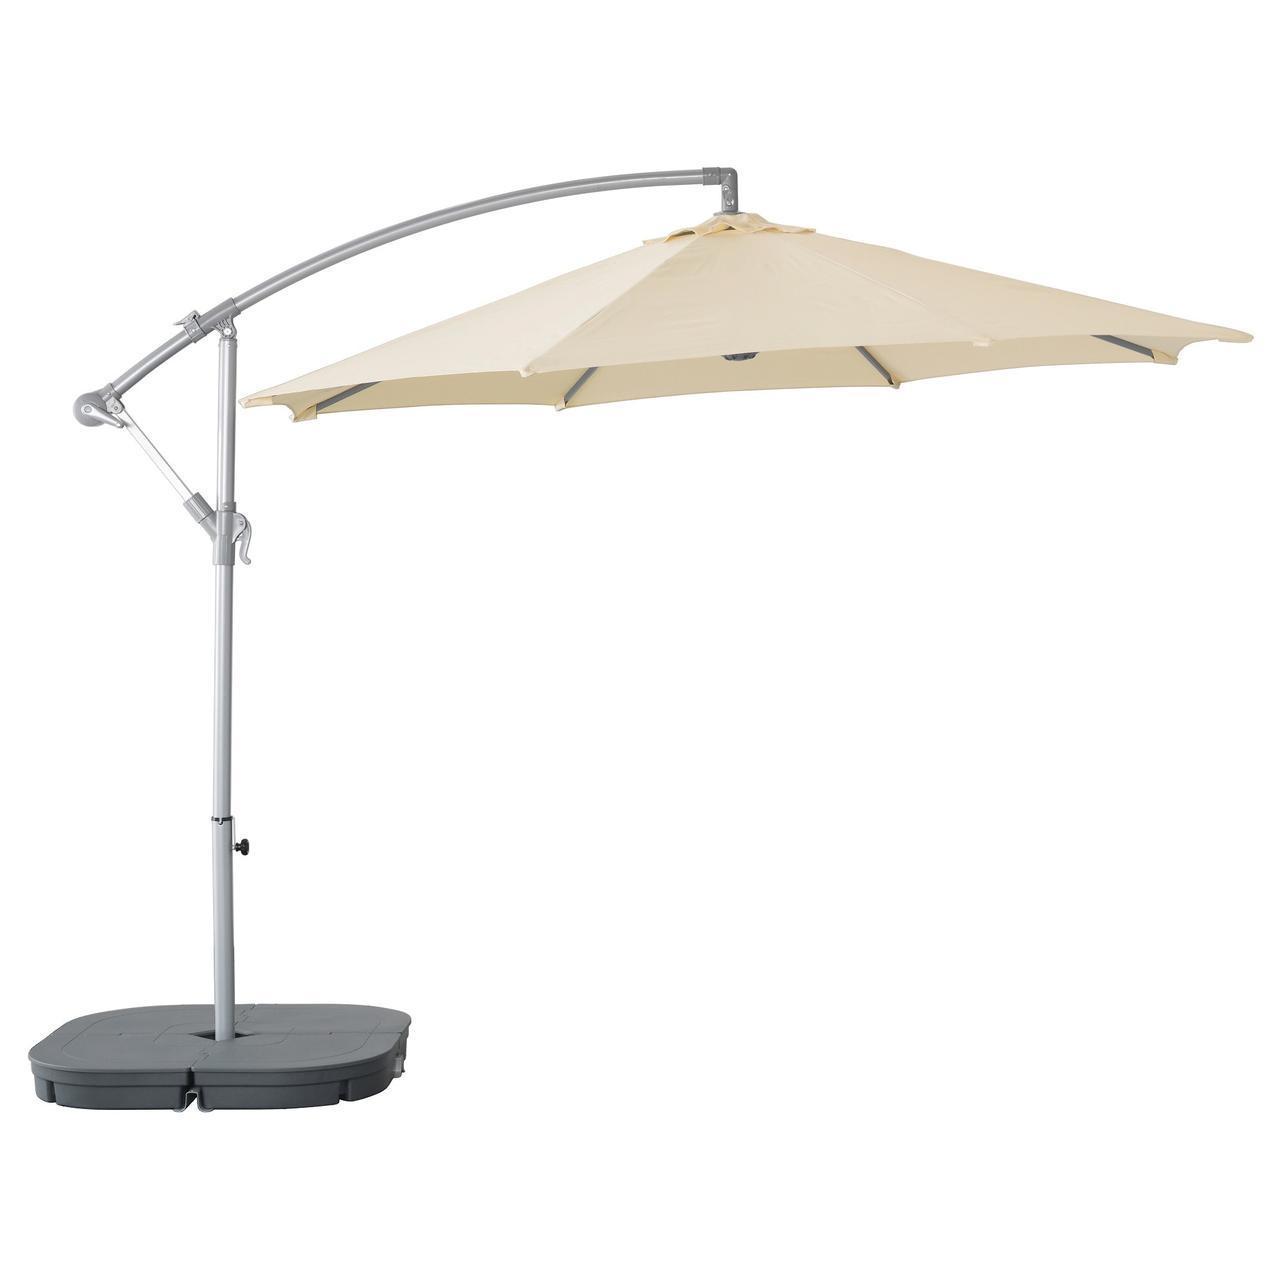 IKEA KARLSO/SVARTO Зонт подвесной с подставкой, бежевый, темно-серый  (990.484.37)